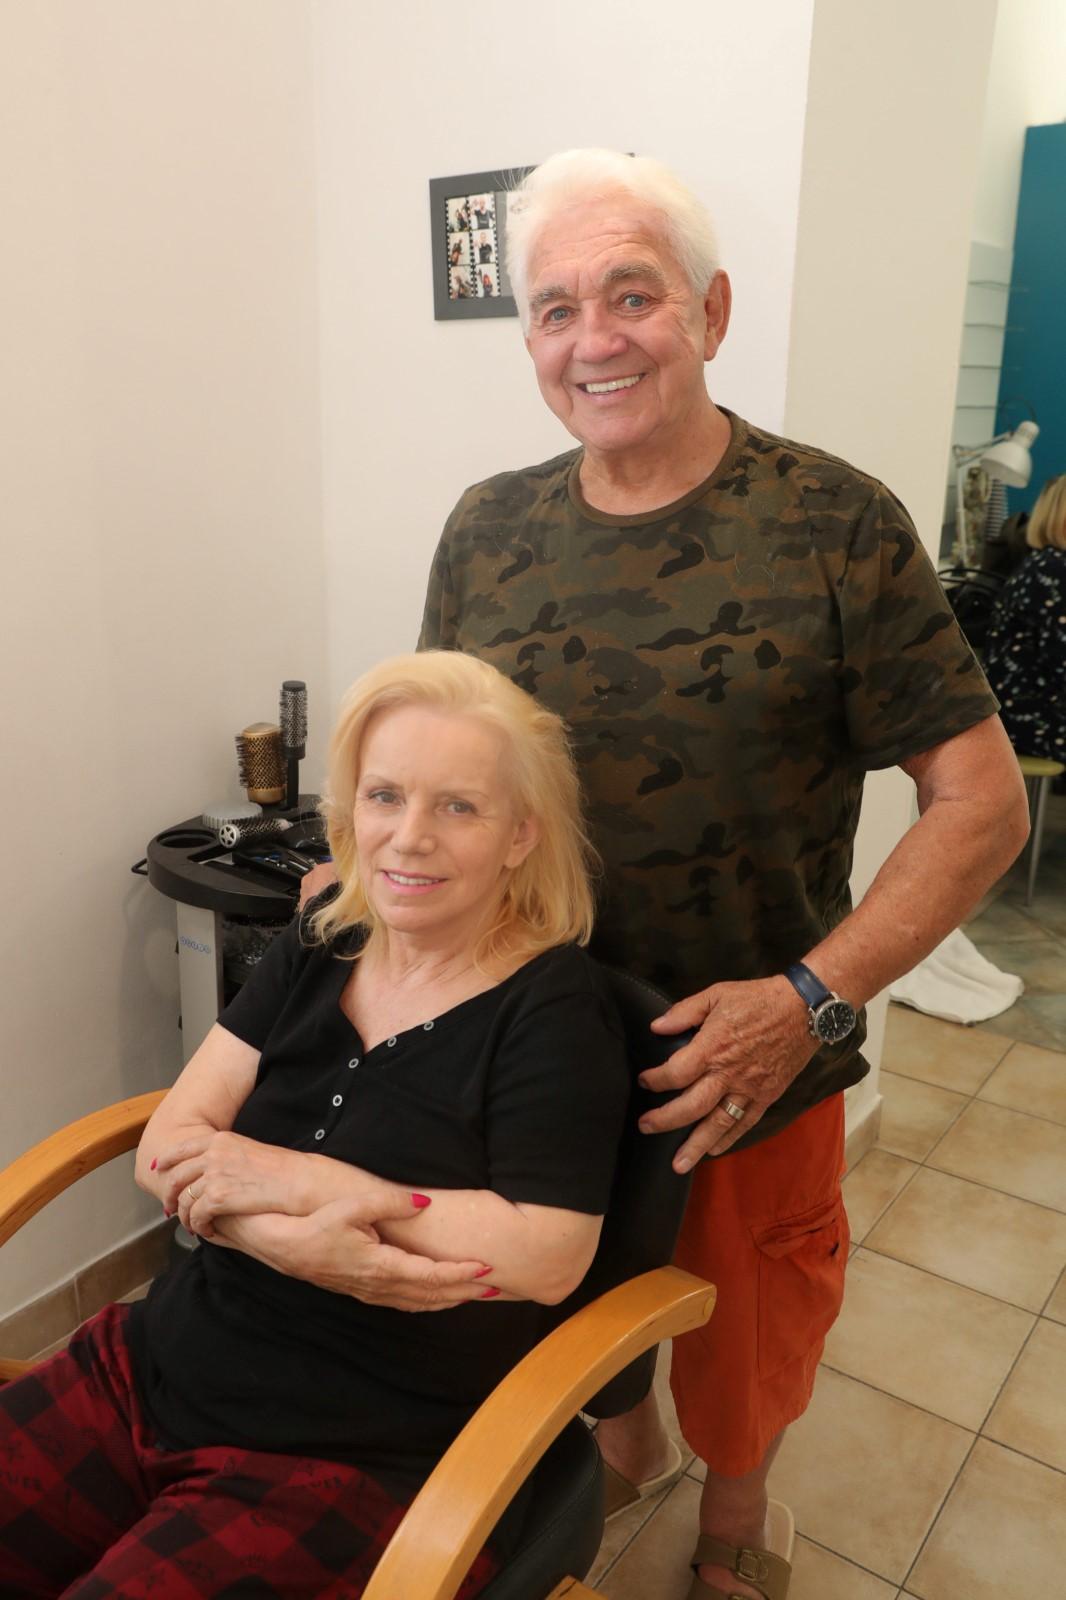 Poslední fotky Hany Krampolové: Před smrtí navštívila kadeřnictví